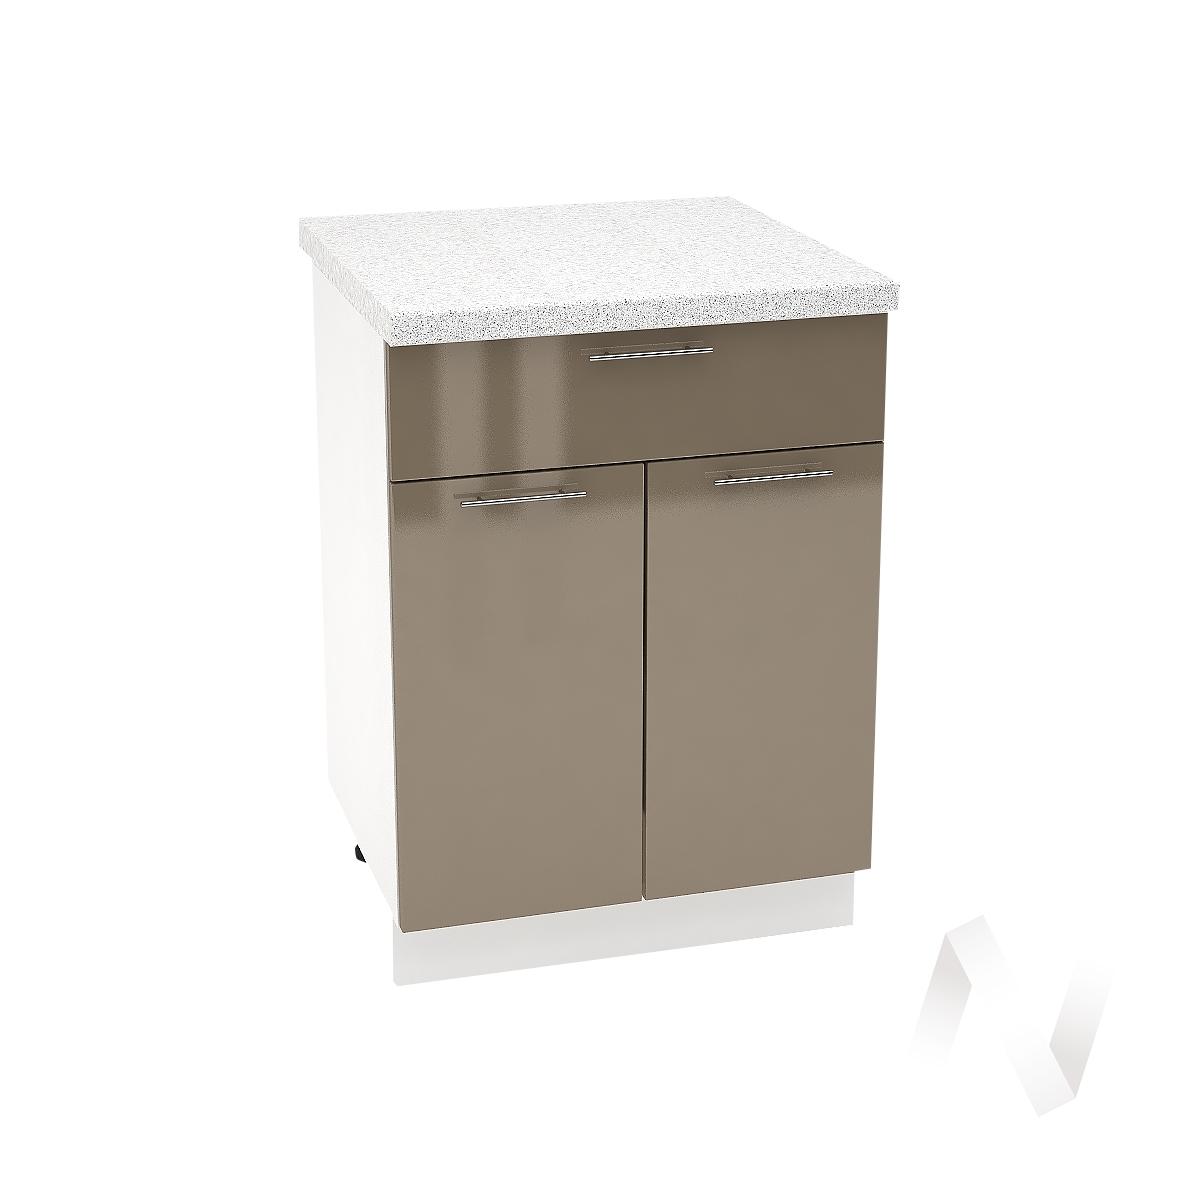 """Кухня """"Валерия-М"""": Шкаф нижний с ящиком 600, ШН1Я 600 М (Капучино глянец/корпус белый)"""